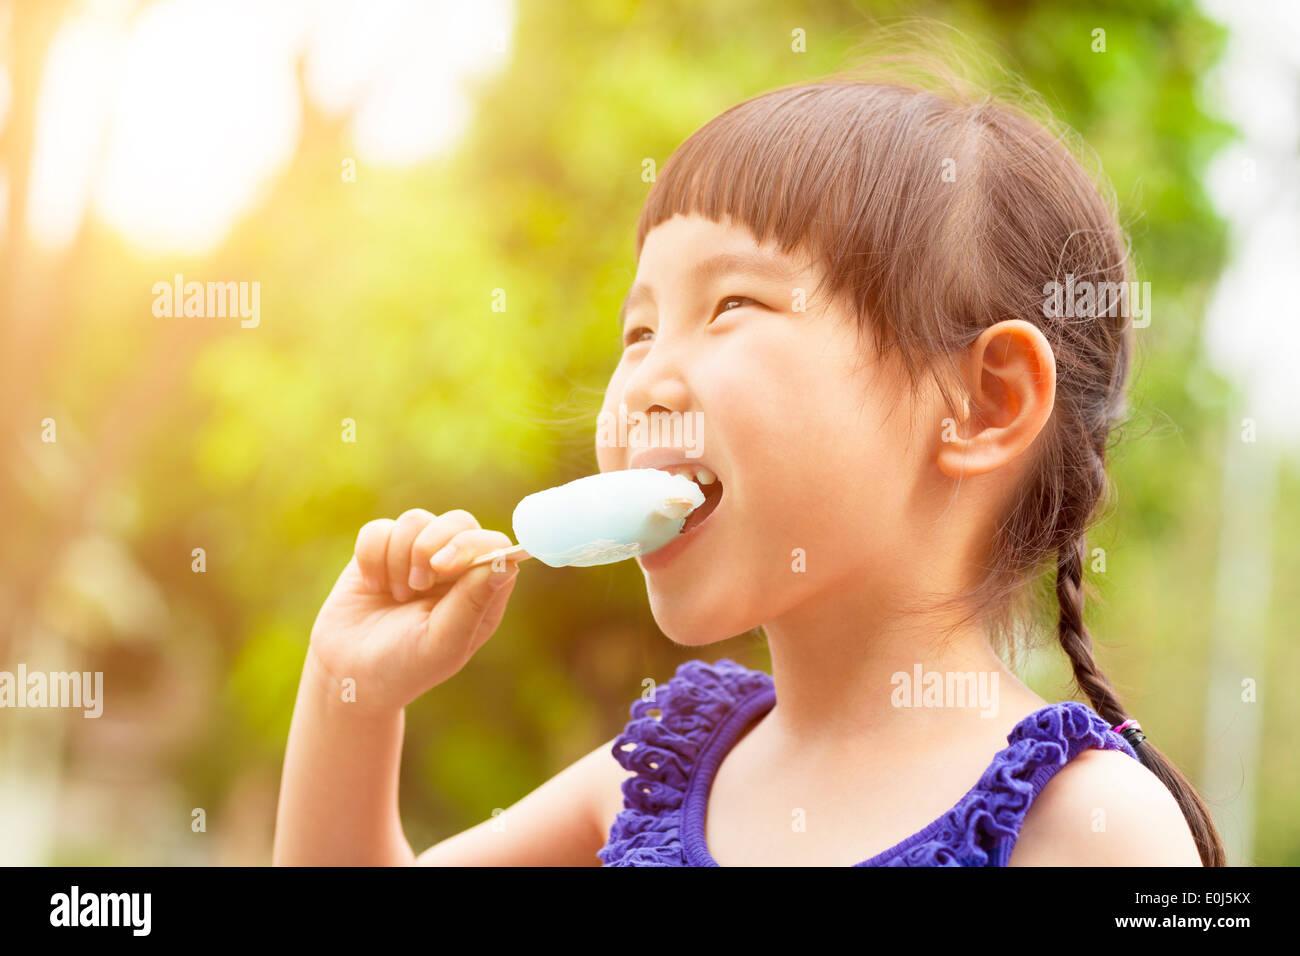 glückliche kleine Mädchen essen Eis am Stiel im Sommer mit Sonnenuntergang Stockfoto